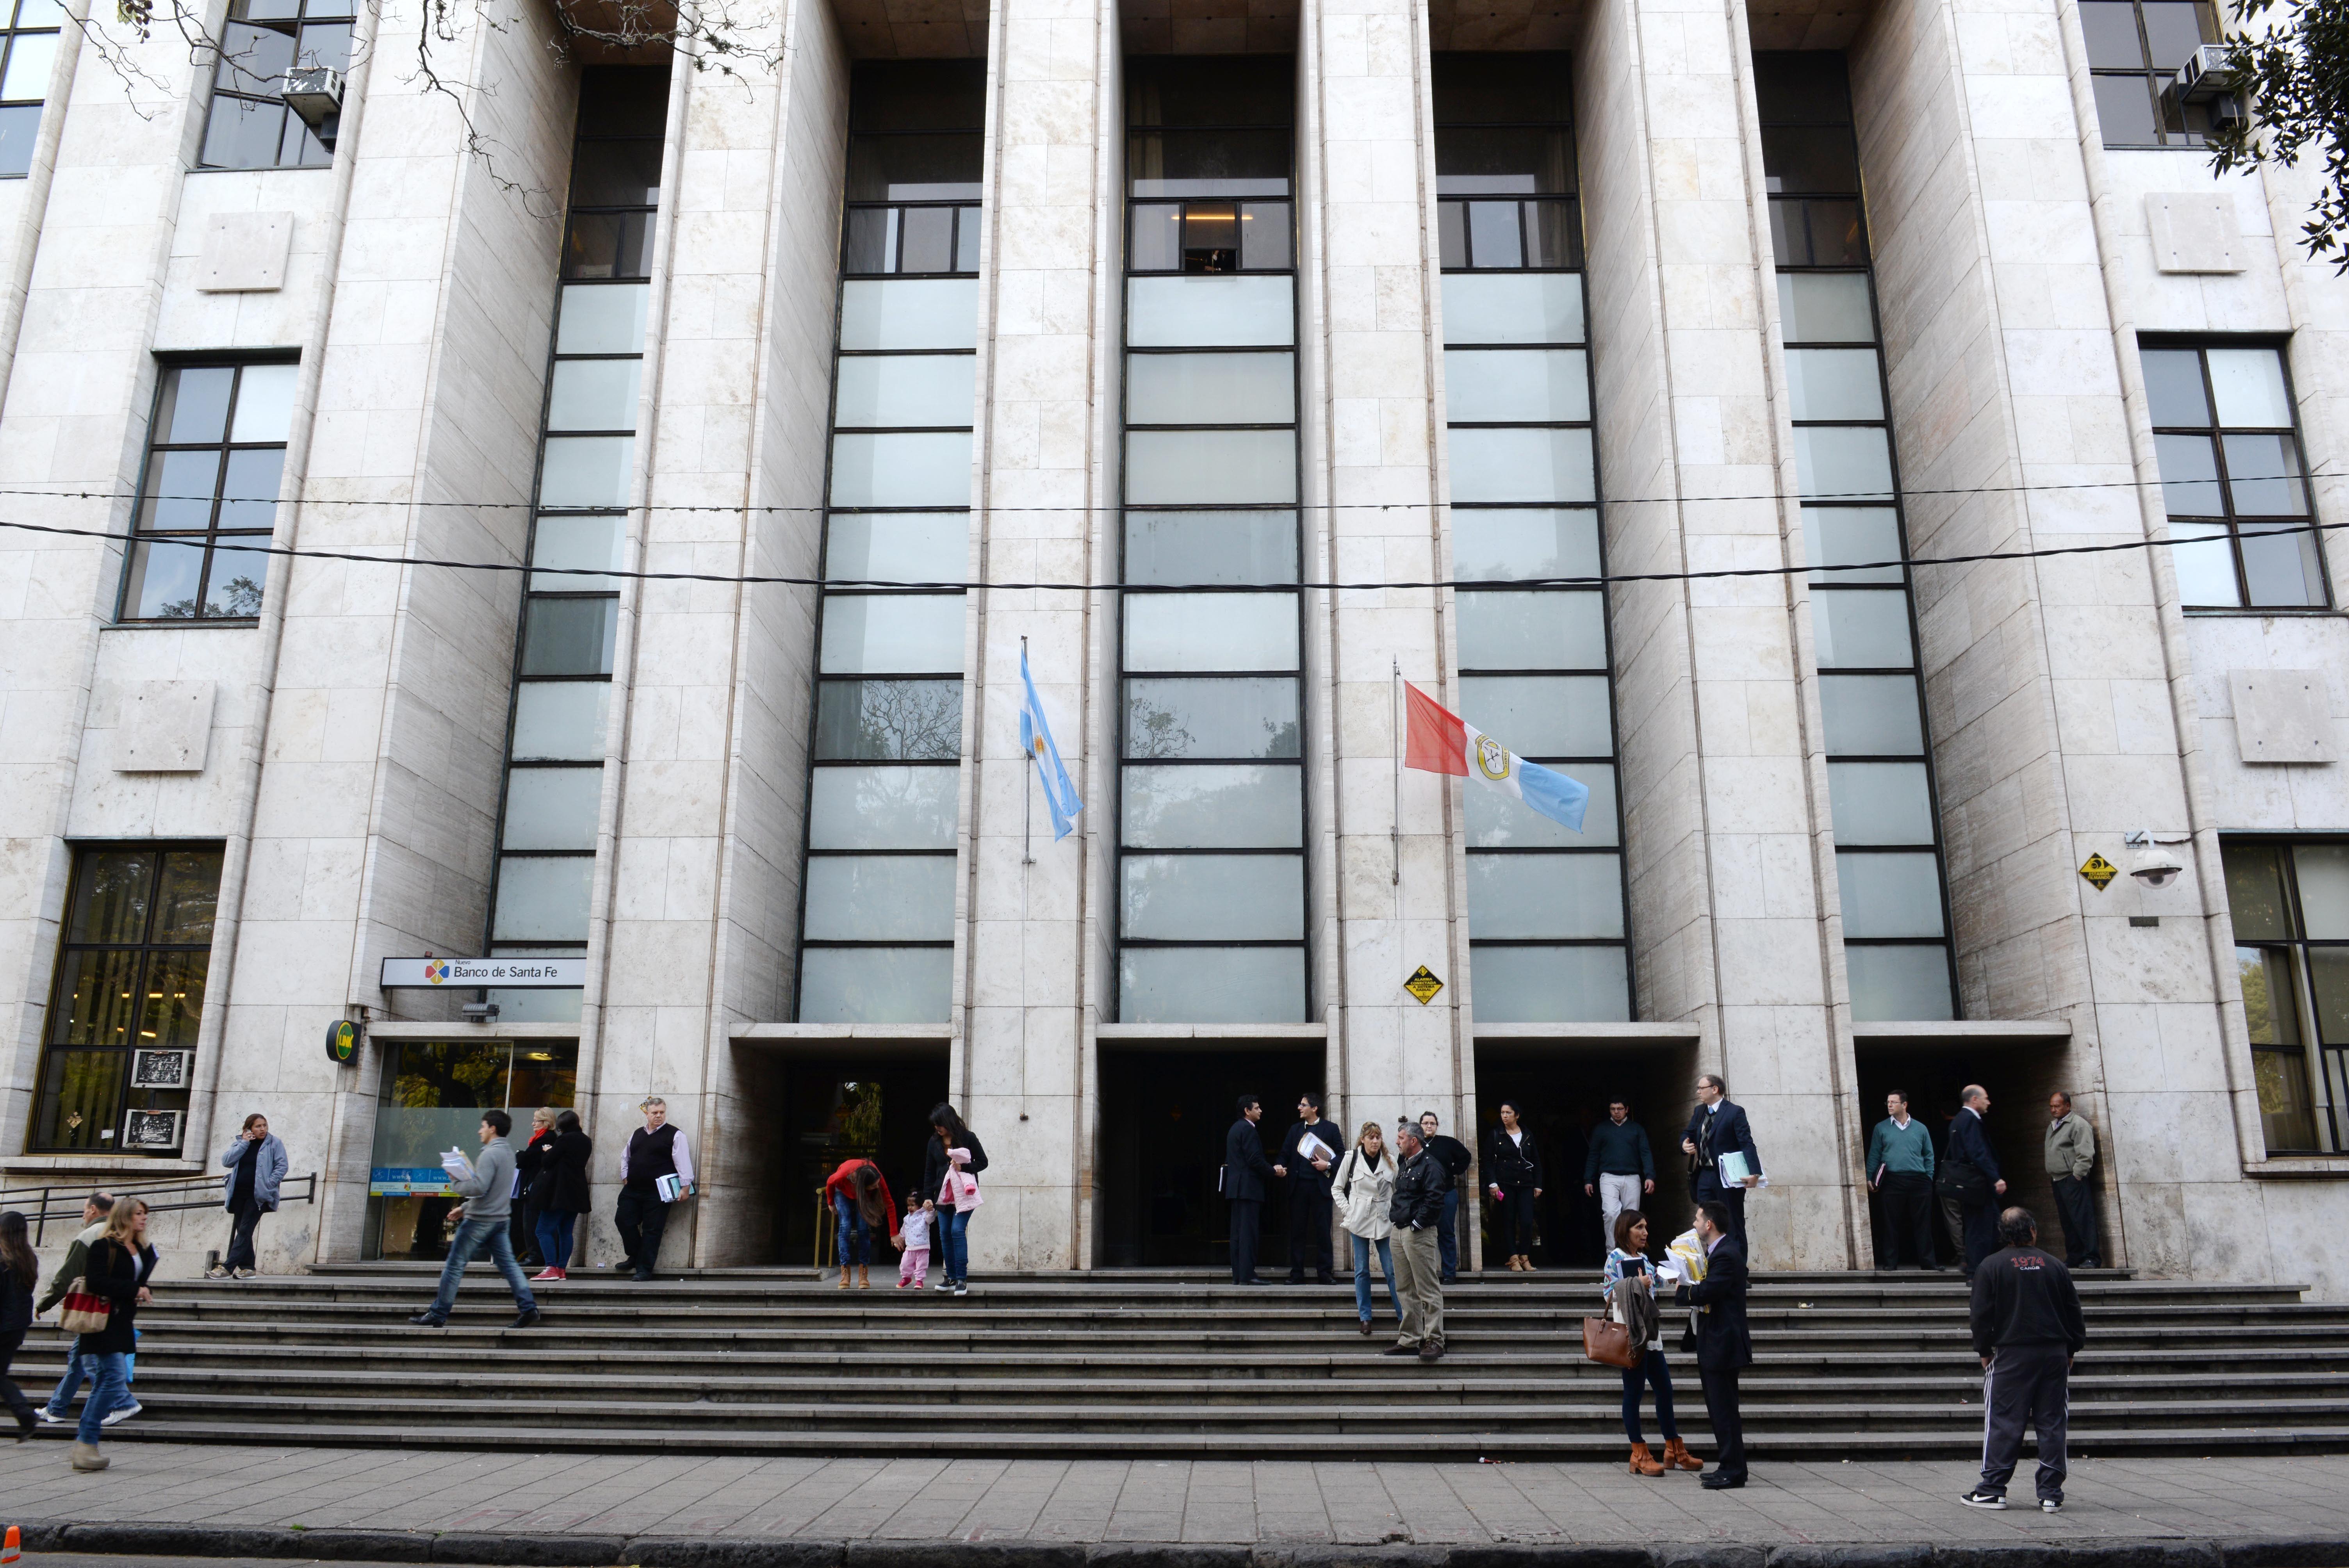 El caso se analizó en los Tribunales Provinciales de Rosario. El fallo fue firmado por el juez Carlos Cadierno. (Foto de archivo)